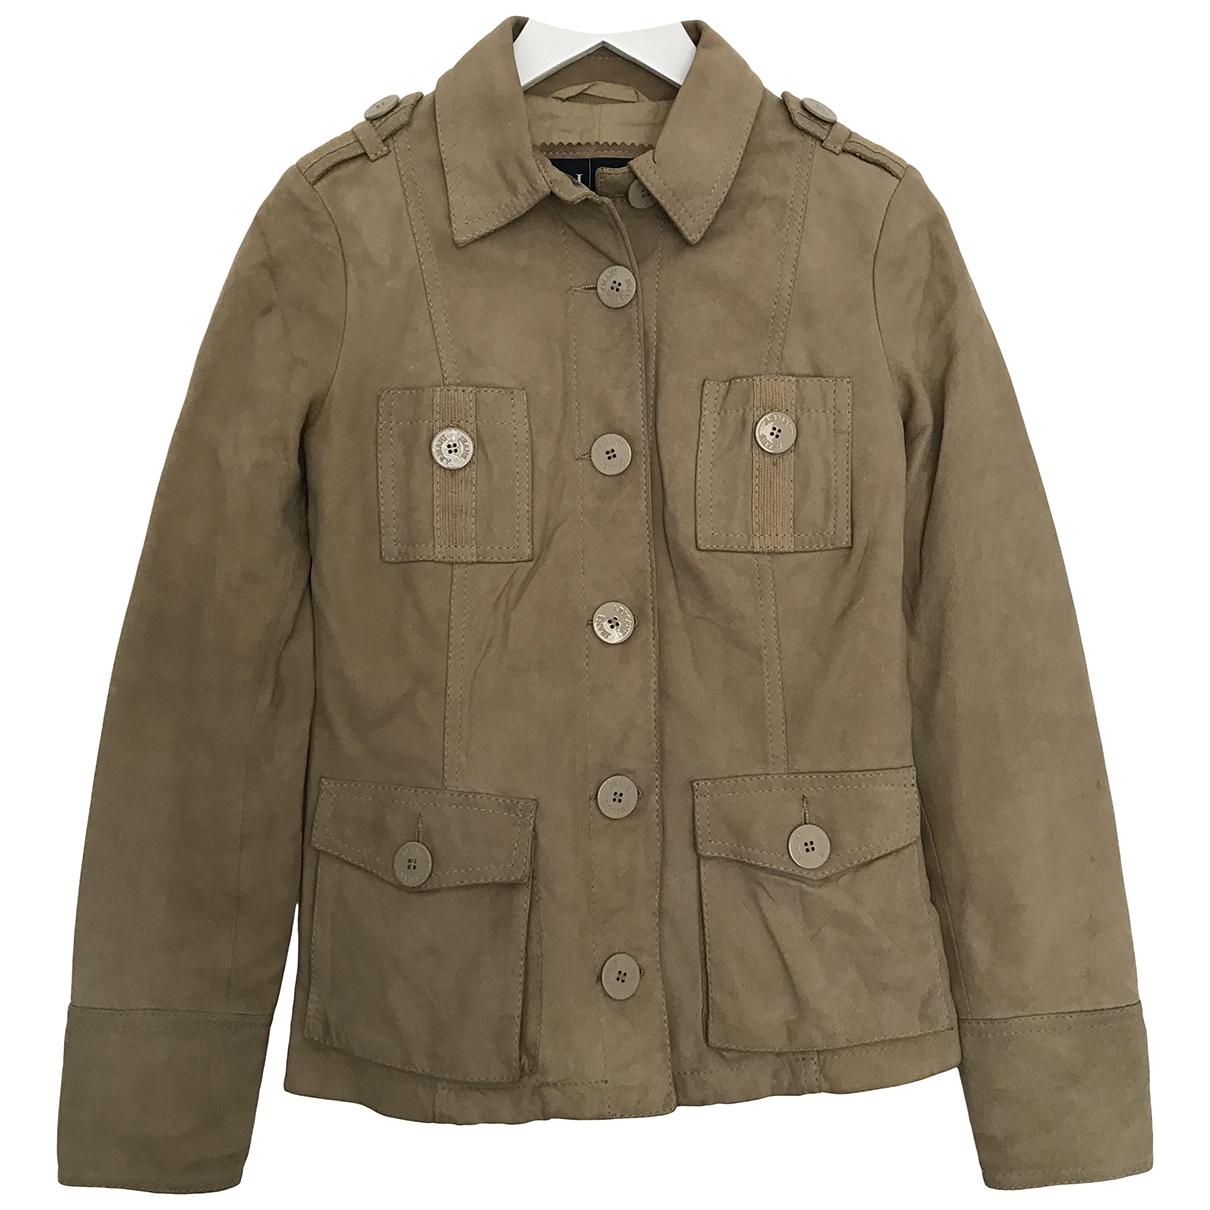 Armani Jeans \N Beige Leather jacket for Women 38 IT